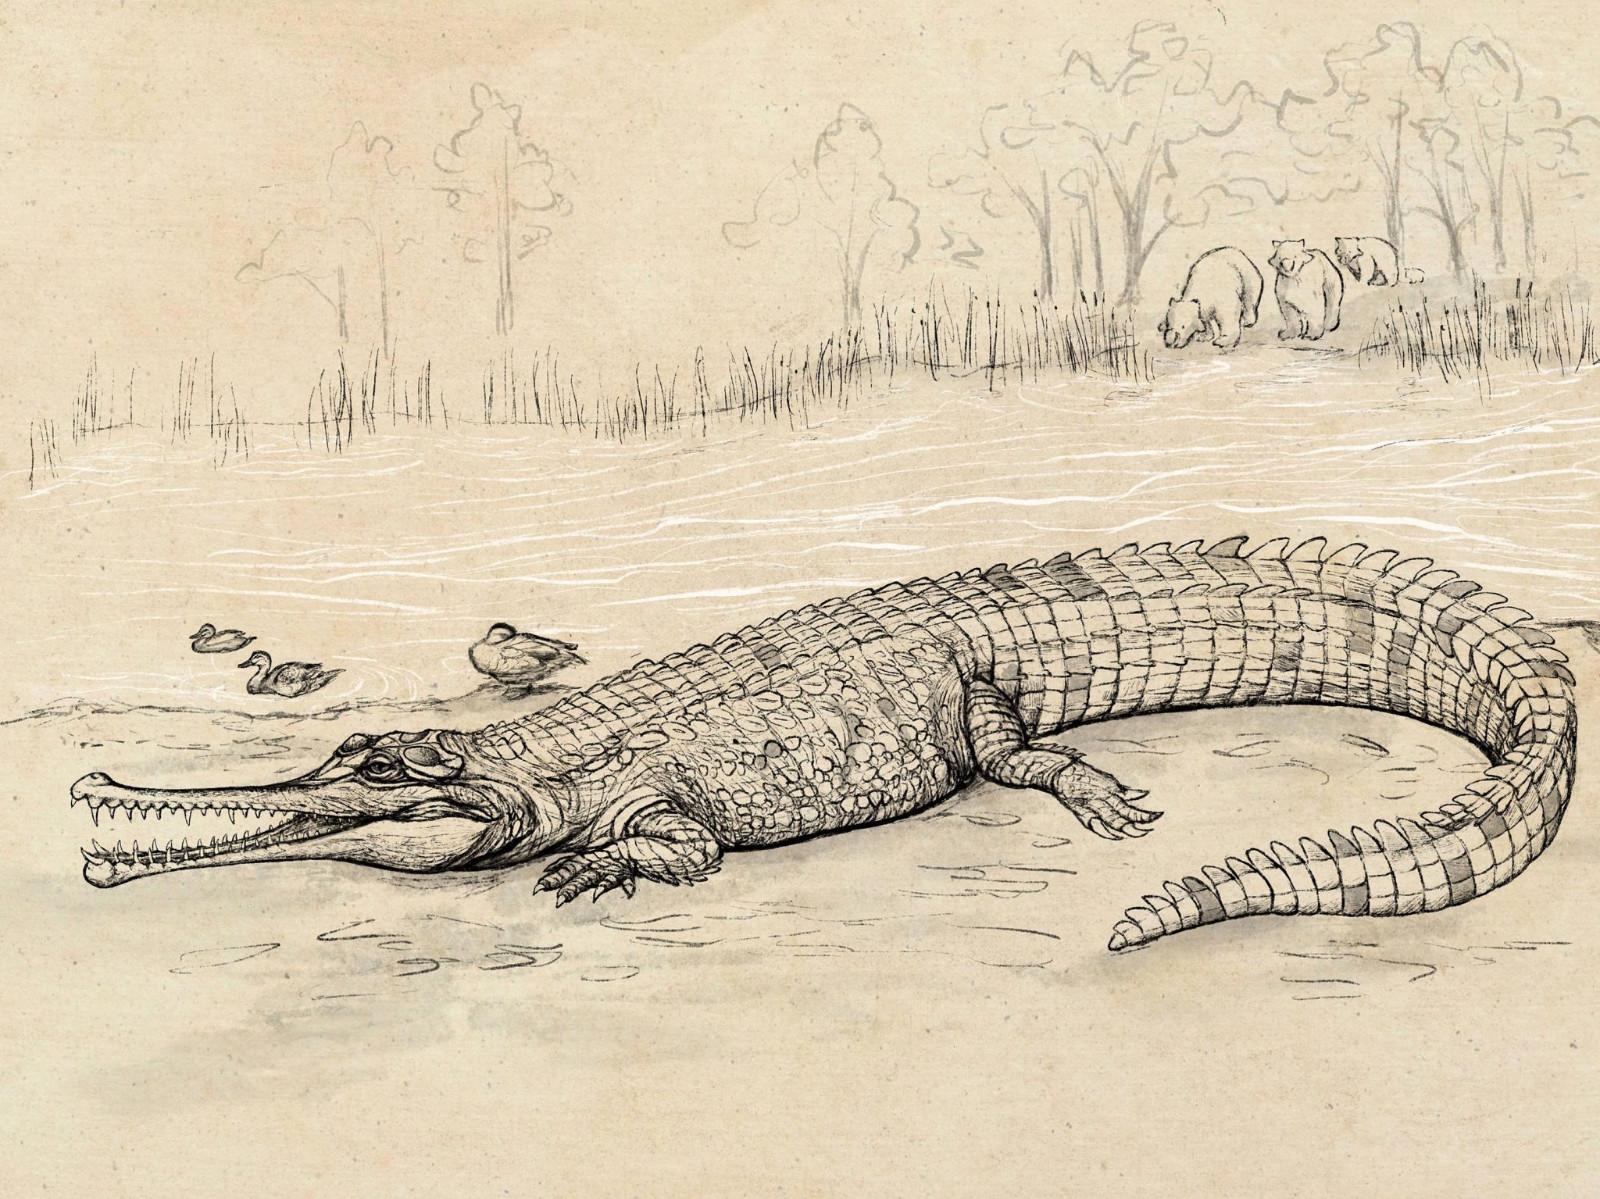 澳大利亚发现一种新的史前巨鳄Gunggamarandu maunala